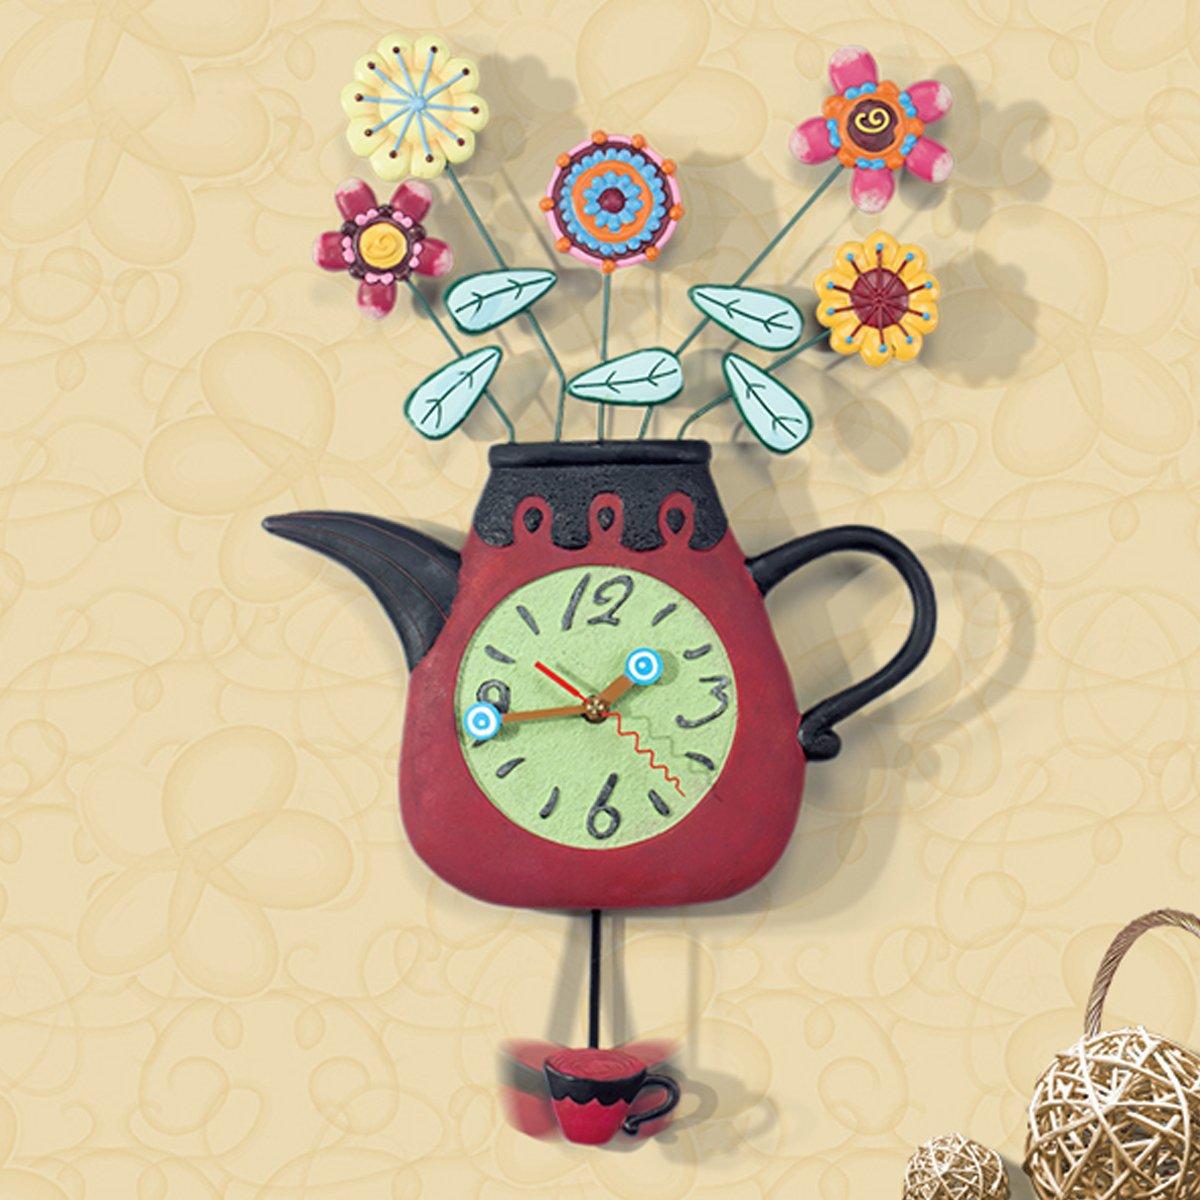 壁時計 壁掛け 掛け時計 wall clock 壁掛け振り子時計 北欧 かわいい 時計 おしゃれ アンティーク 子供部屋 樹脂 OSONA B01I3BDWY8